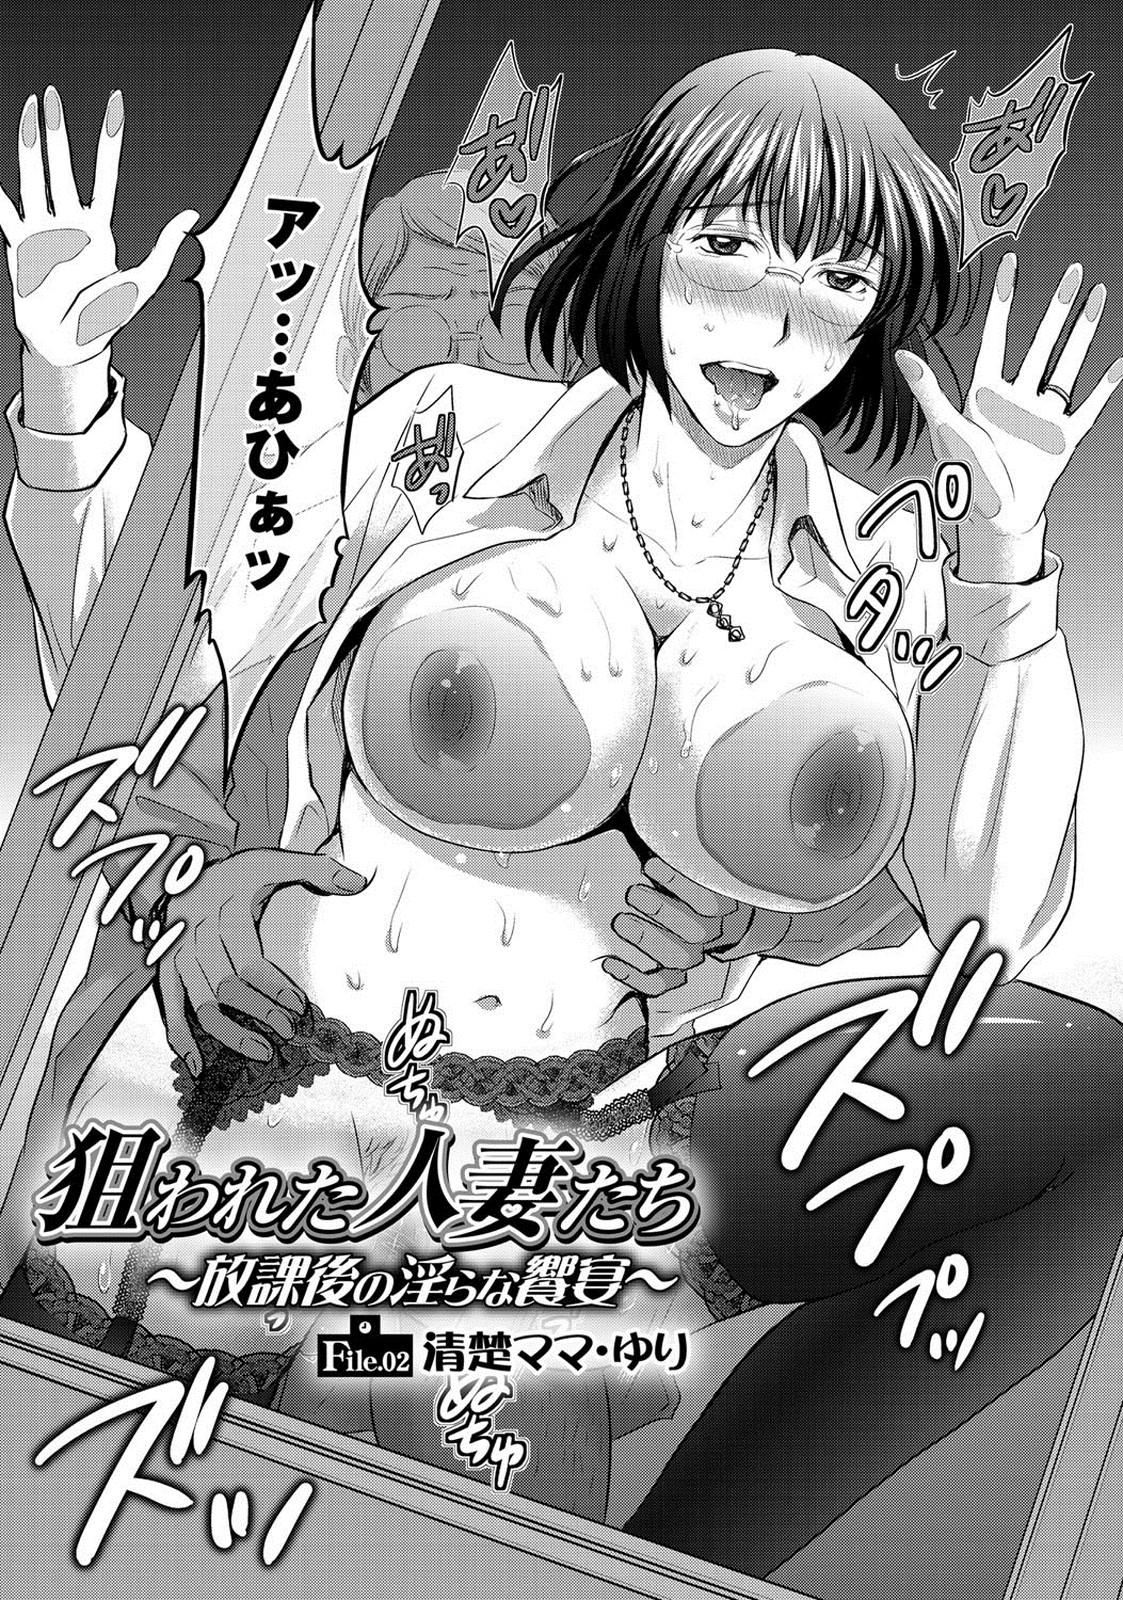 【エロ漫画】謎の男が連続レイプを決行し学校で淫乱ボディの人妻を後ろから襲い目隠し強姦すると覗く副校長が更に陵辱!